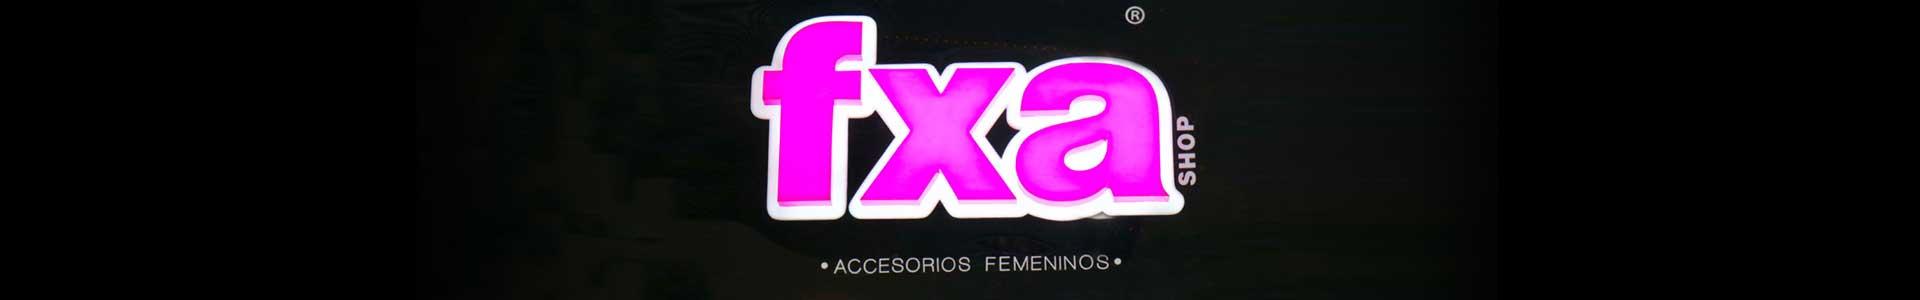 Head-FXA